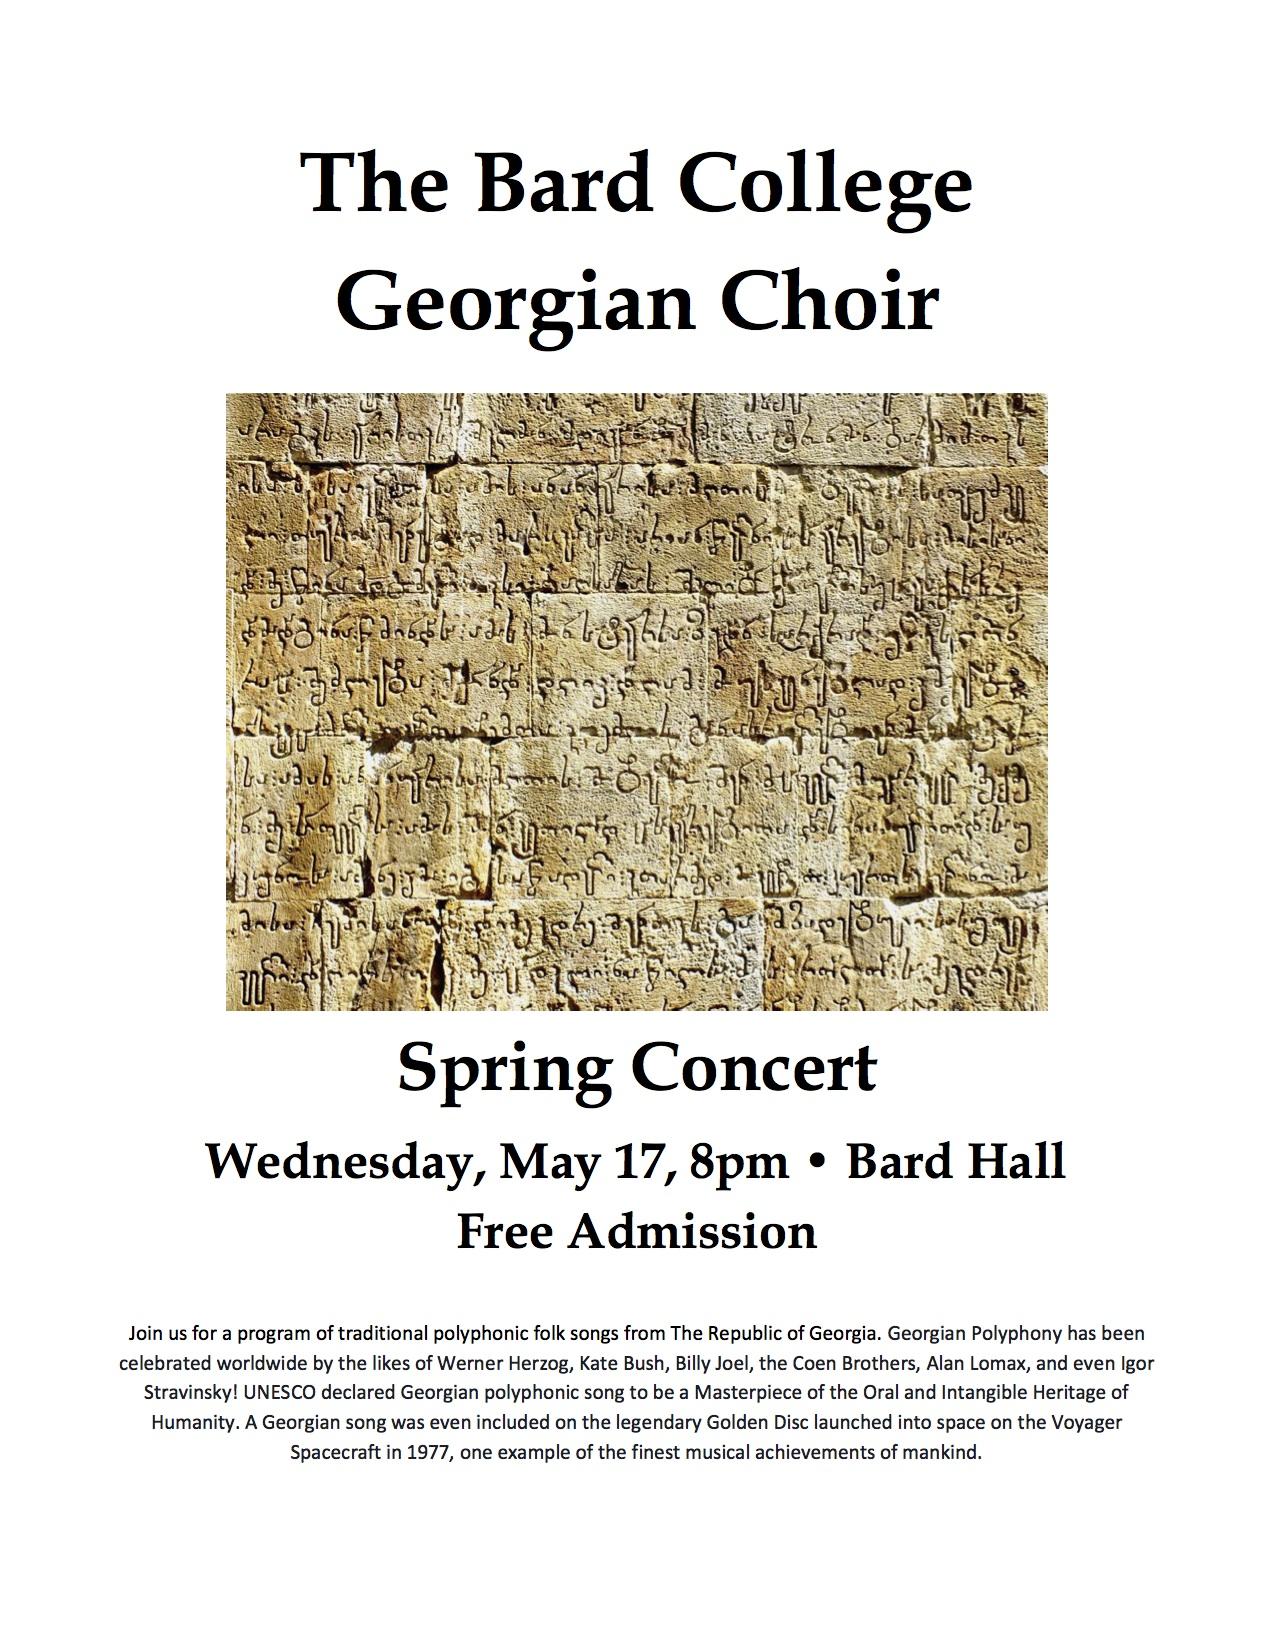 [The Bard College Georgian Choir]